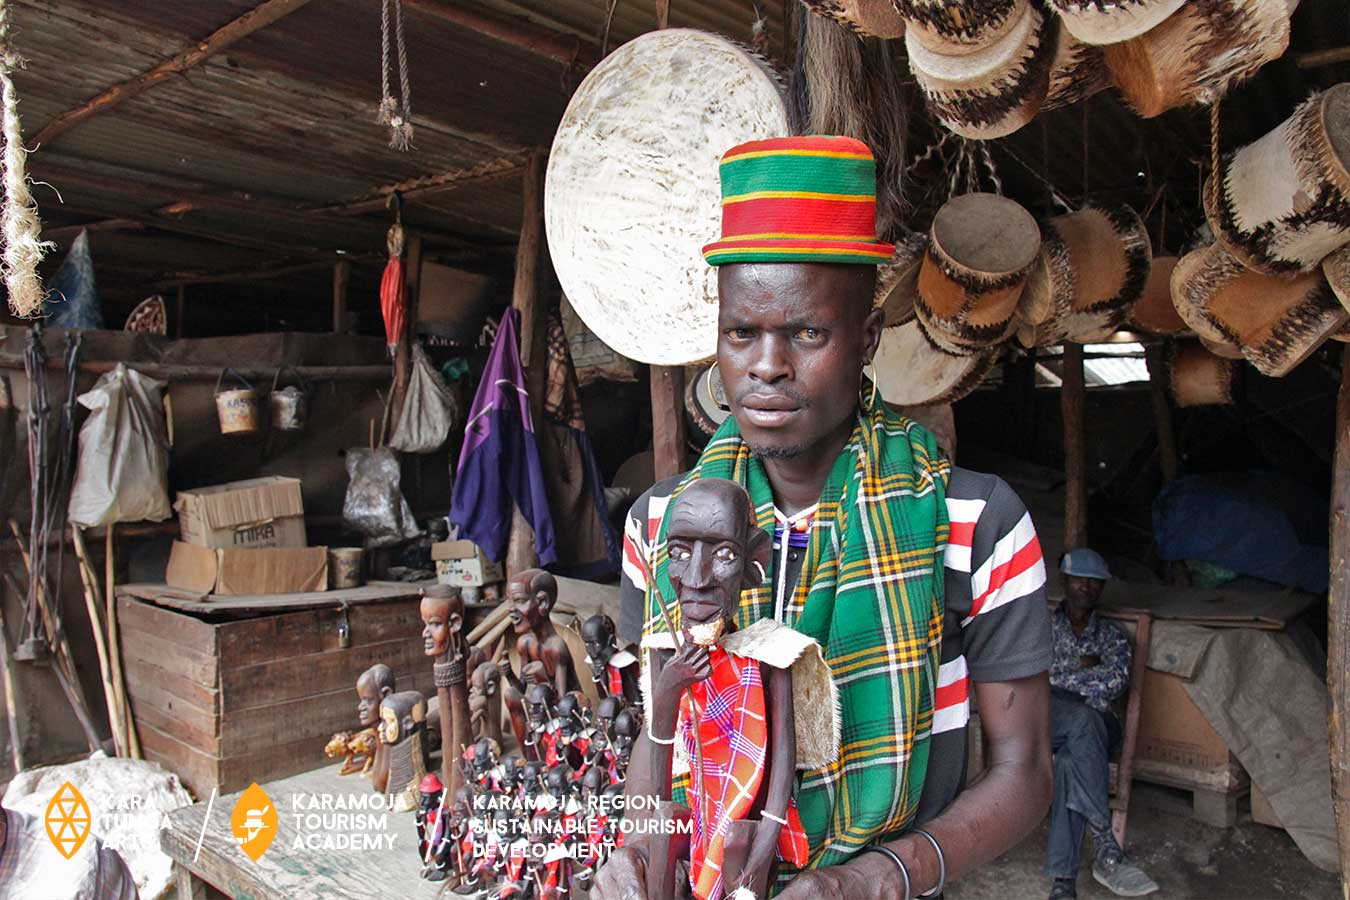 kara-tunga-karamoja-uganda-arts-crafts-tours-culture-development-5